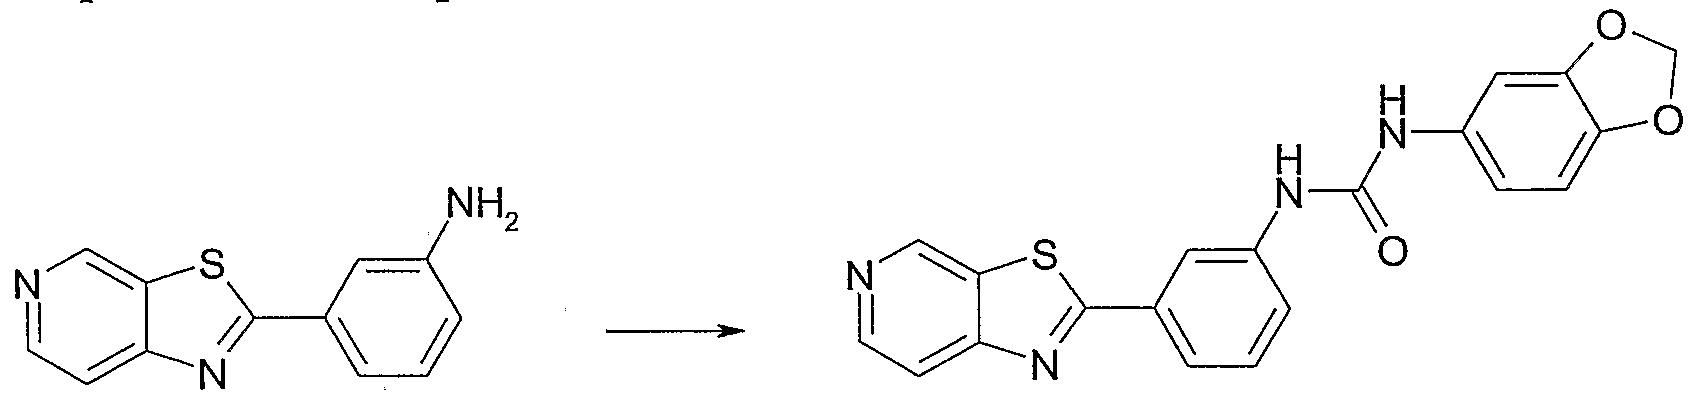 Figure imgf000248_0002